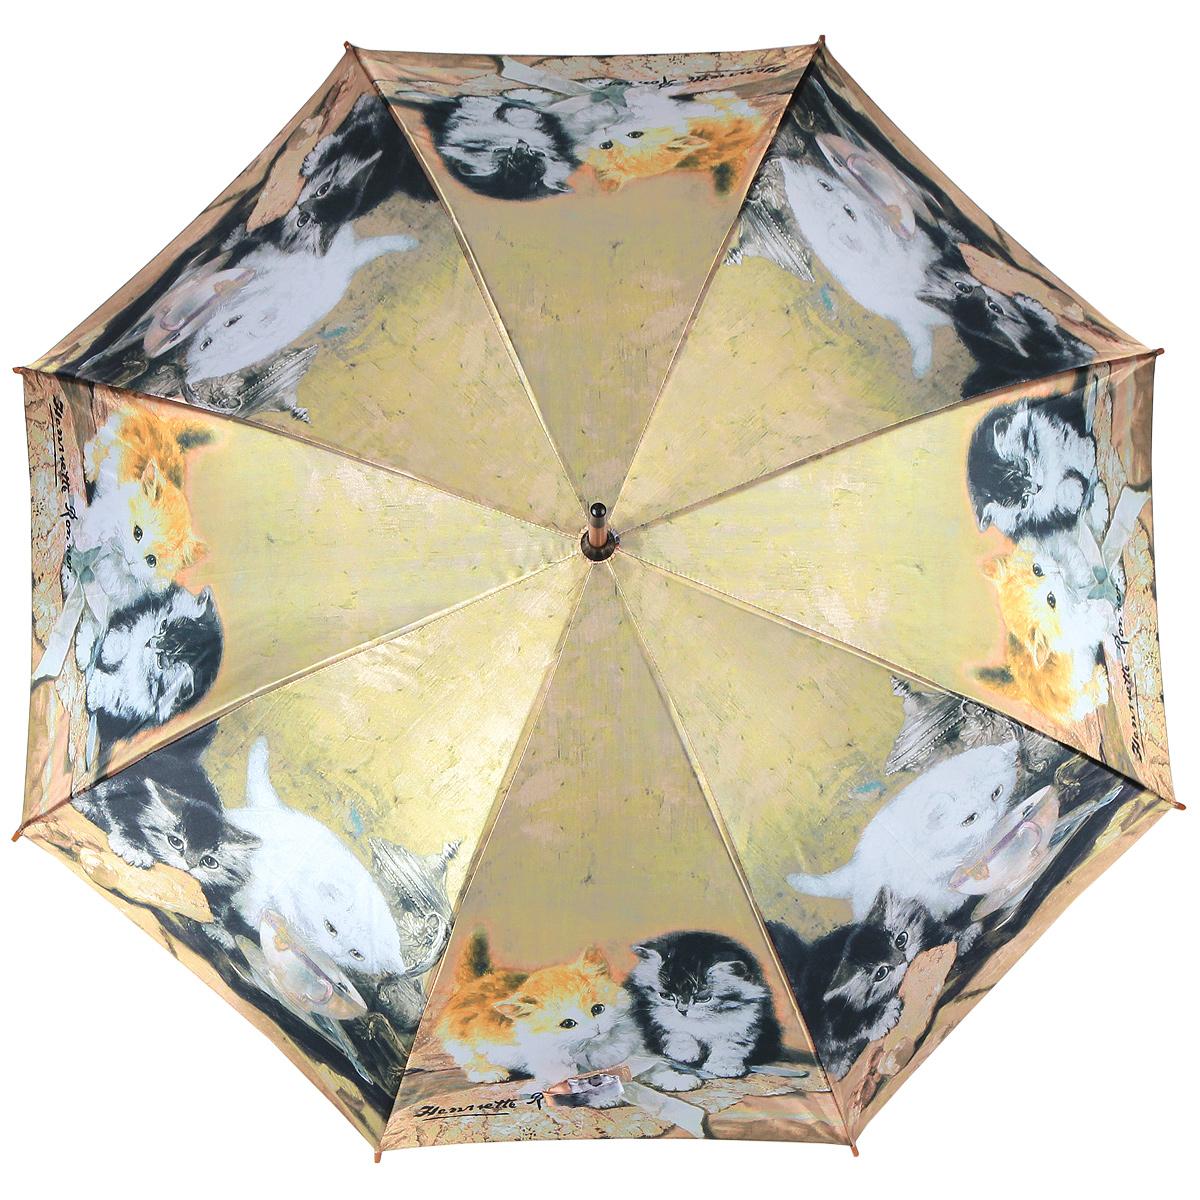 Зонт-трость Котята, полуавтомат. 1001-111001-11Стильный полуавтоматический зонт-трость Котята поднимет настроение даже в ненастную погоду. Каркас зонта состоит из деревянного стержня и 8 металлических спиц черного цвета. Купол зонта, изготовленный из сатина с водоотталкивающей пропиткой, оформлен красочным изображением котят по мотивам картин голландской художницы Генриетты Роннер-Книп. Зонт оснащен удобной закругленной рукояткой. Кончики спиц защищены деревянными насадками. Зонт имеет полуавтоматический механизм сложения: купол открывается нажатием кнопки на рукоятке, а закрывается вручную до характерного щелчка. Такой зонт не только надежно защитит вас от дождя, но и станет стильным аксессуаром.